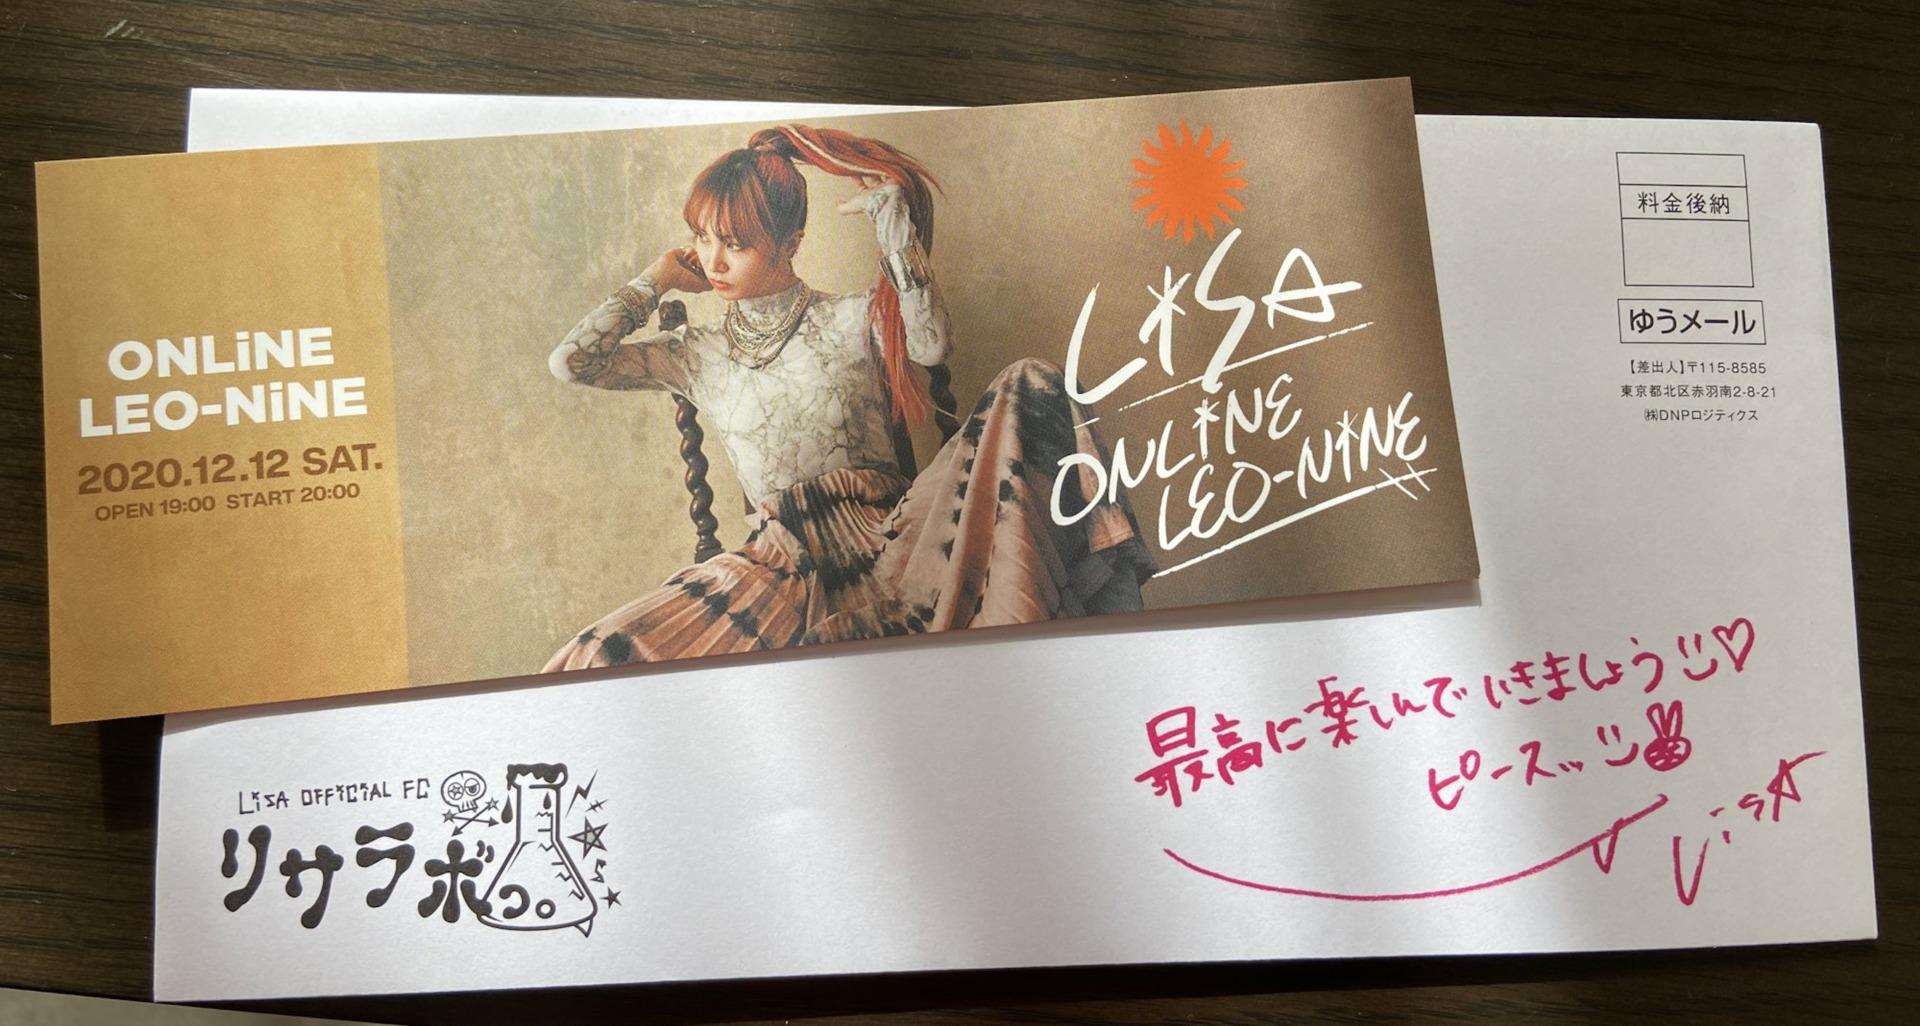 LiSAさんのライブチケットの画像